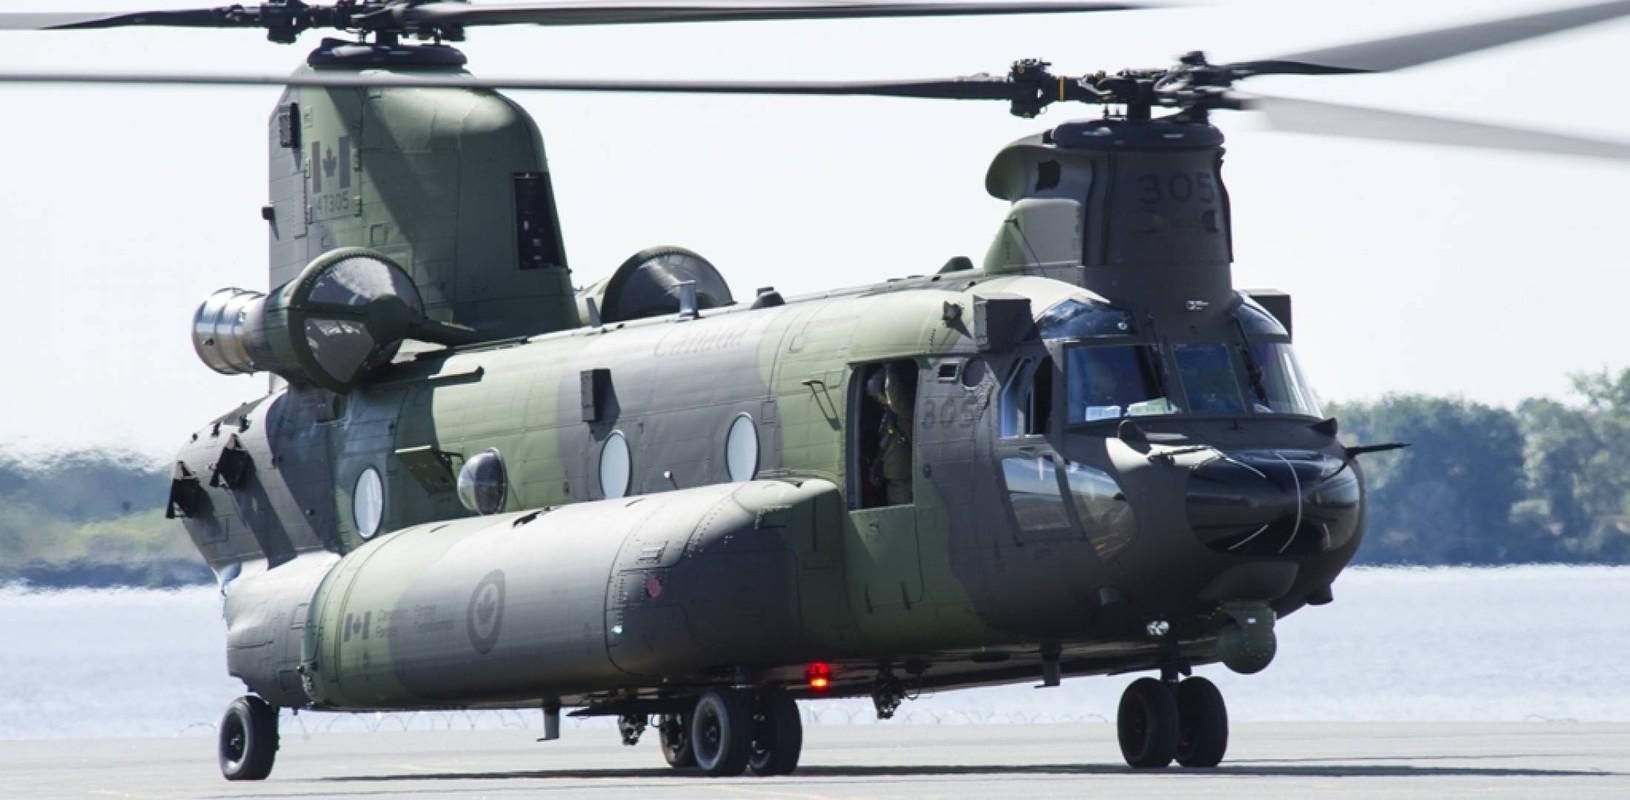 Tai sao An Do lai chon truc thang Chinook, con Israel bo qua?-Hinh-10